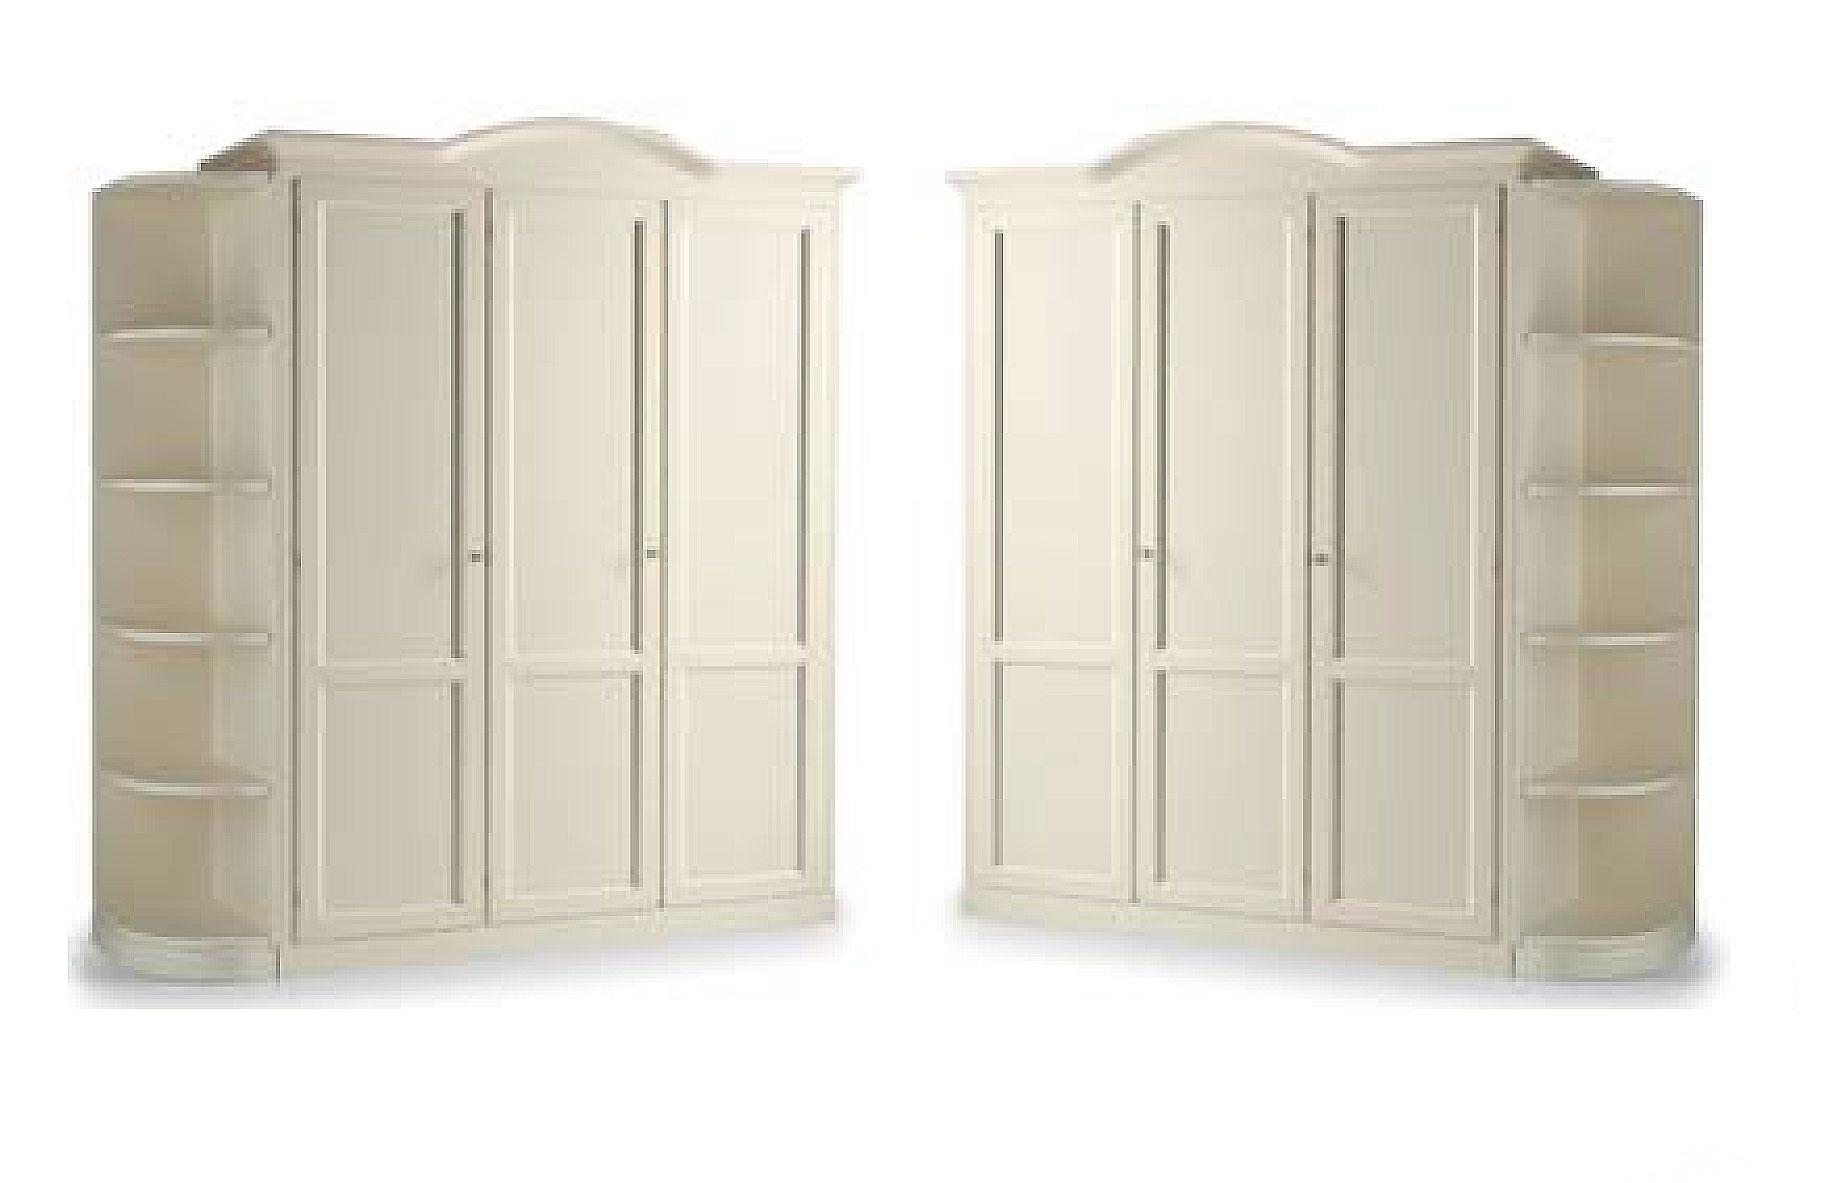 Armoire penderie 3 portes avec biblioth que cr me - Bibliotheque avec portes ...